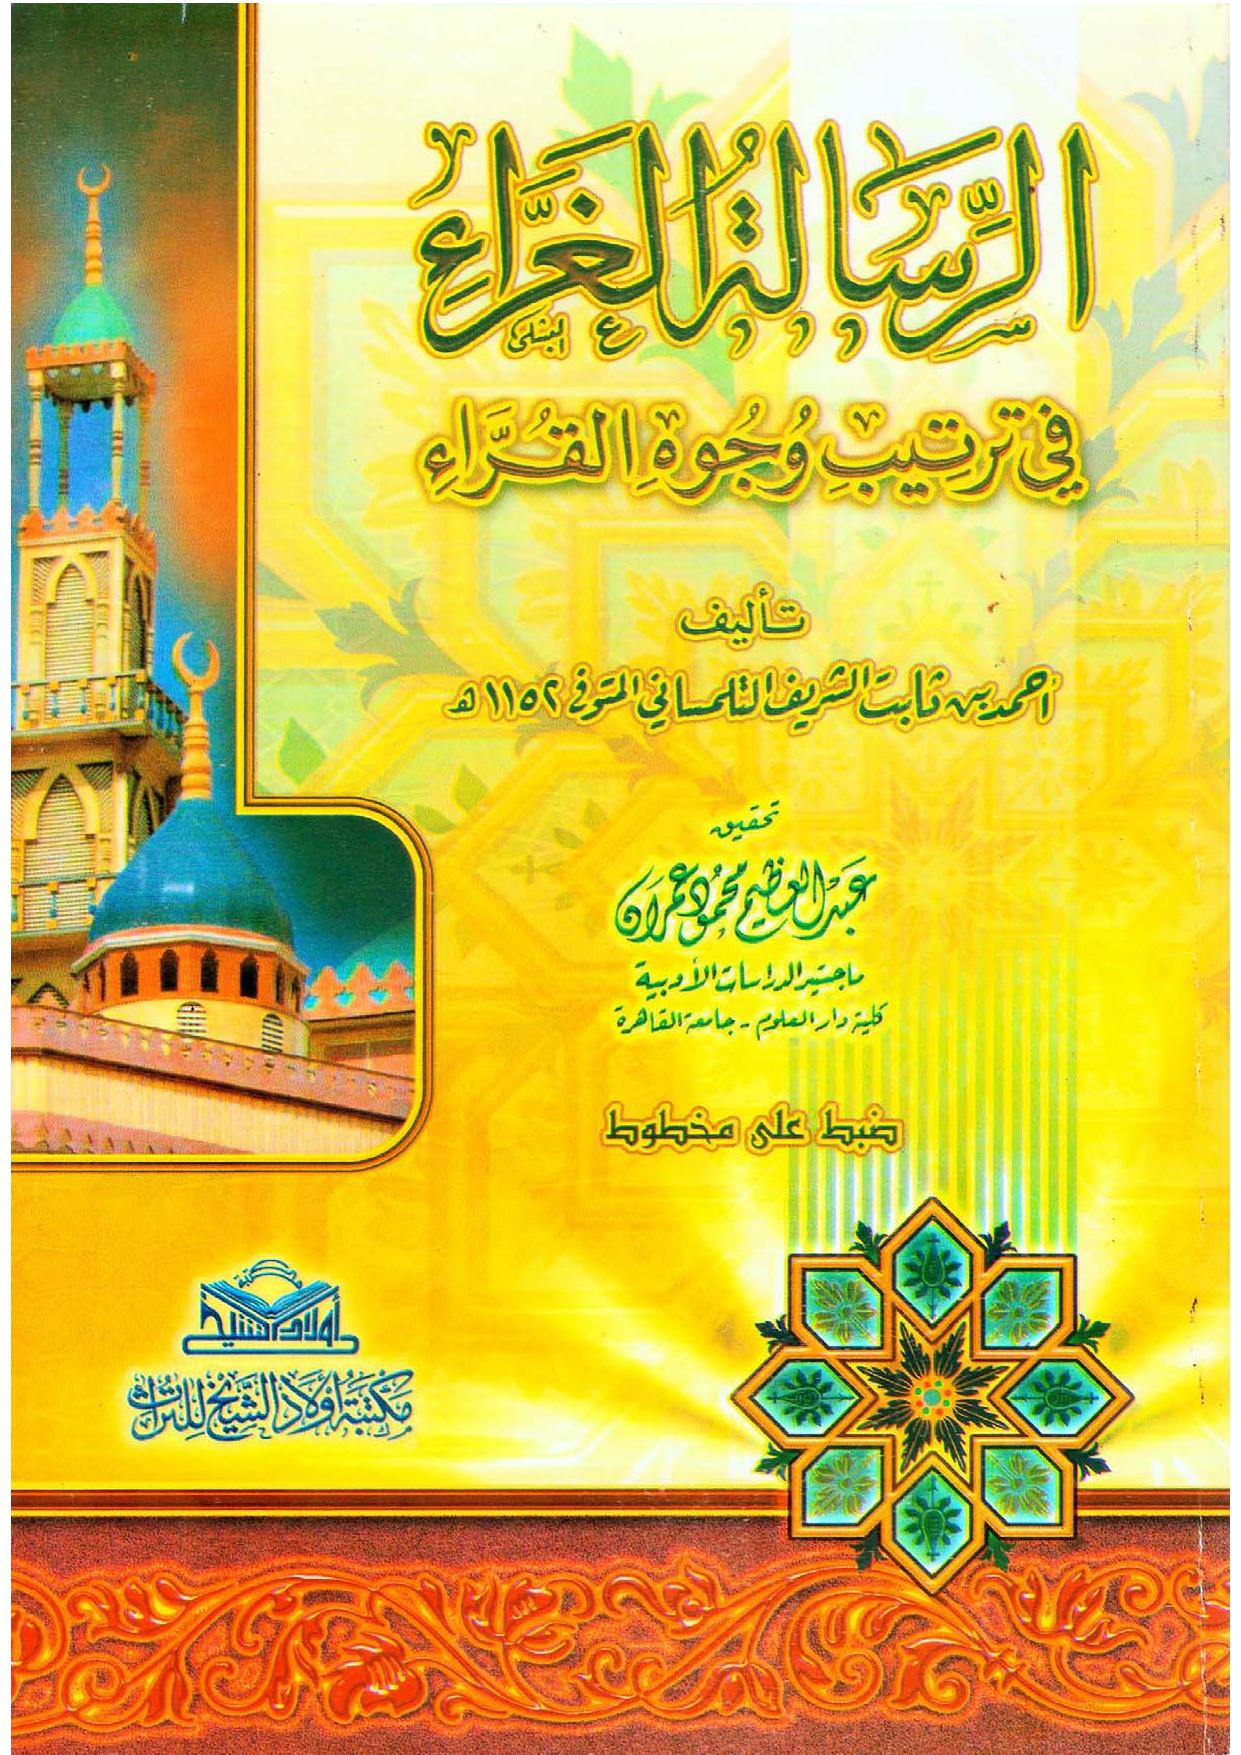 تحميل كتاب الرسالة الغراء في ترتيب وجوه القراء لـِ: الشيخ أحمد بن ثابت التلمساني البجائي الشريف الحسني (ت 1152)